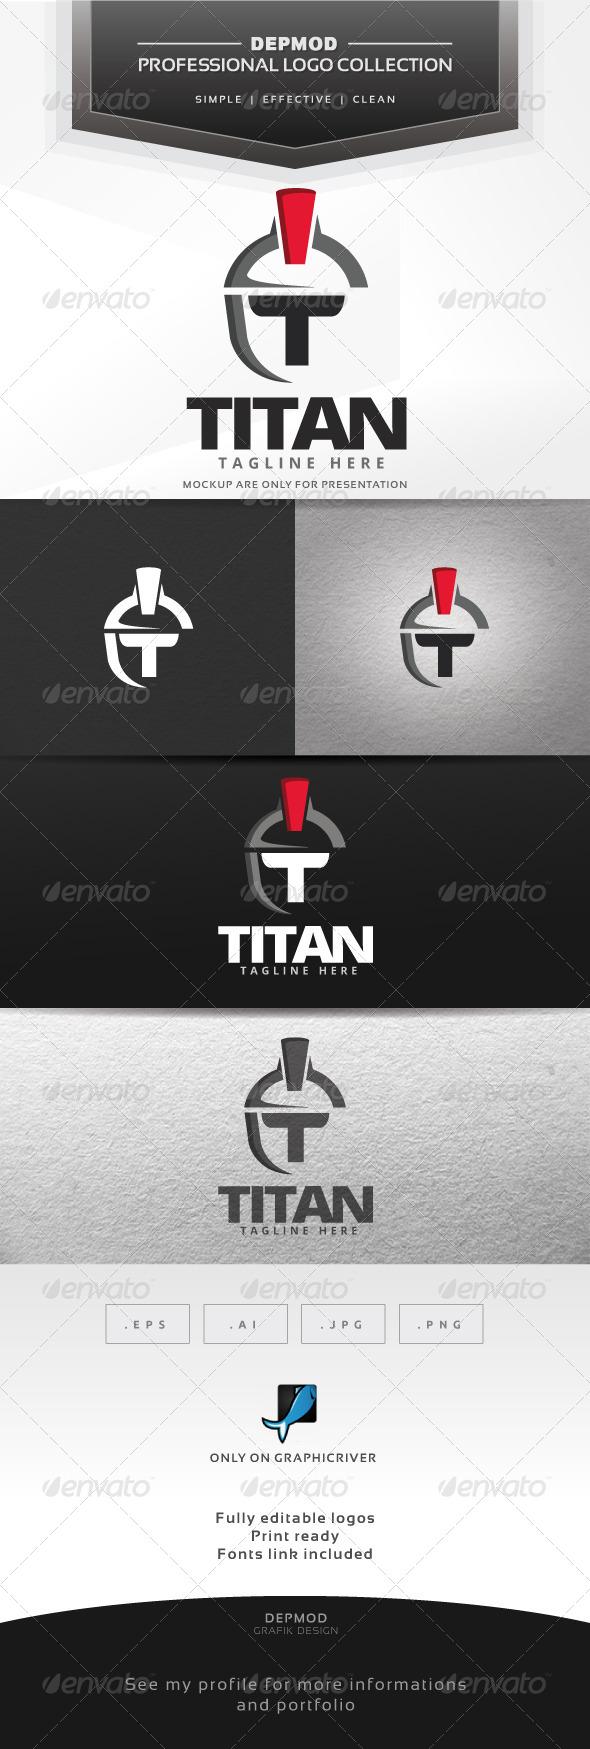 GraphicRiver Titan Logo 7638719